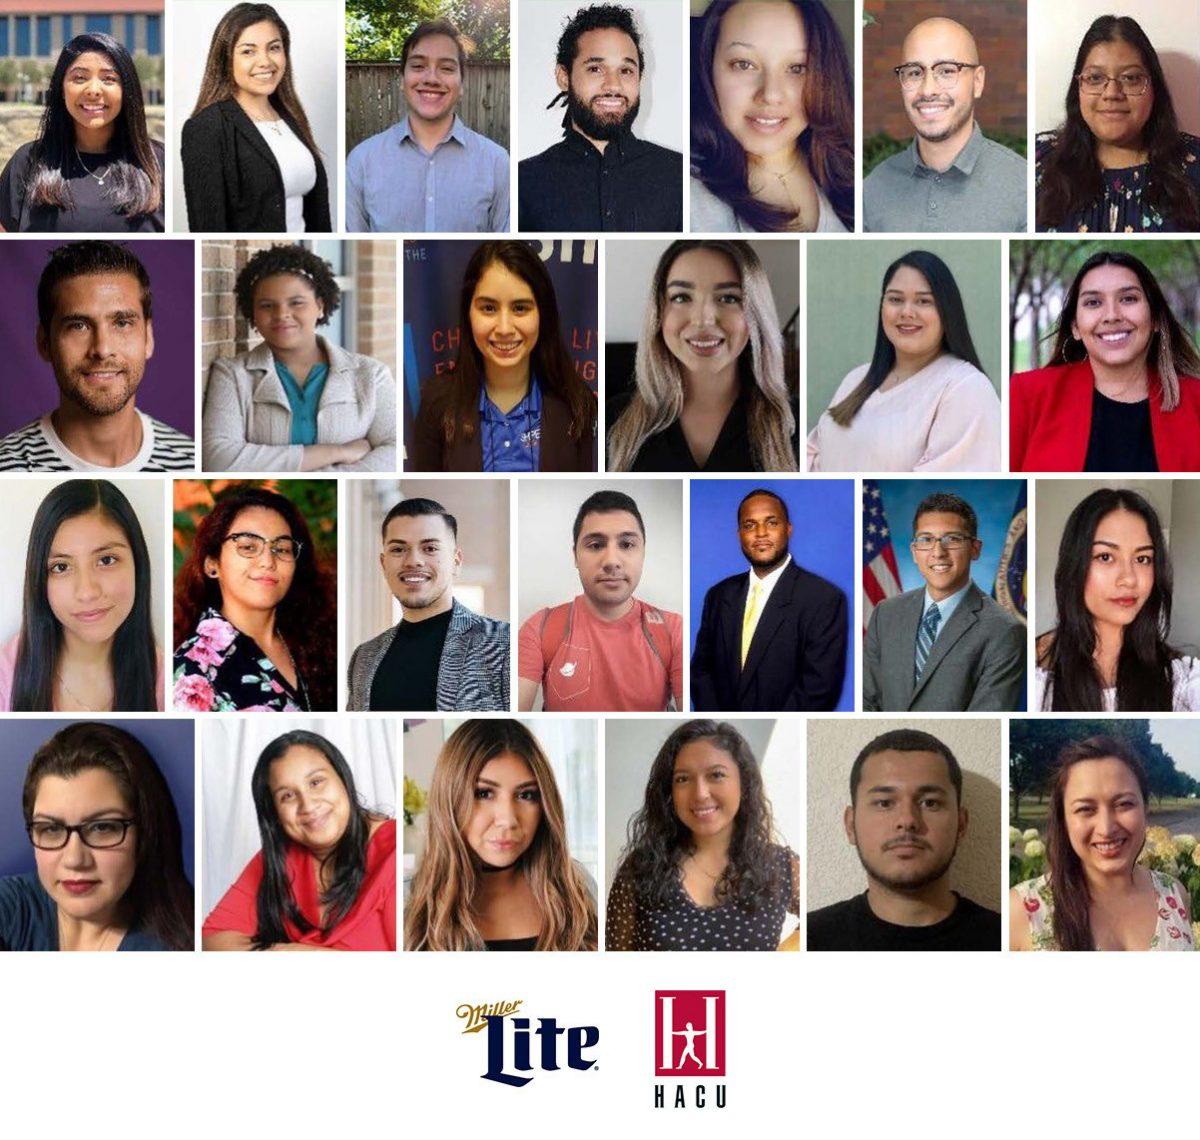 Miller Lite y la Asociación Hispana de Universidades Ofrecen $180,000 en Becas Universitarias